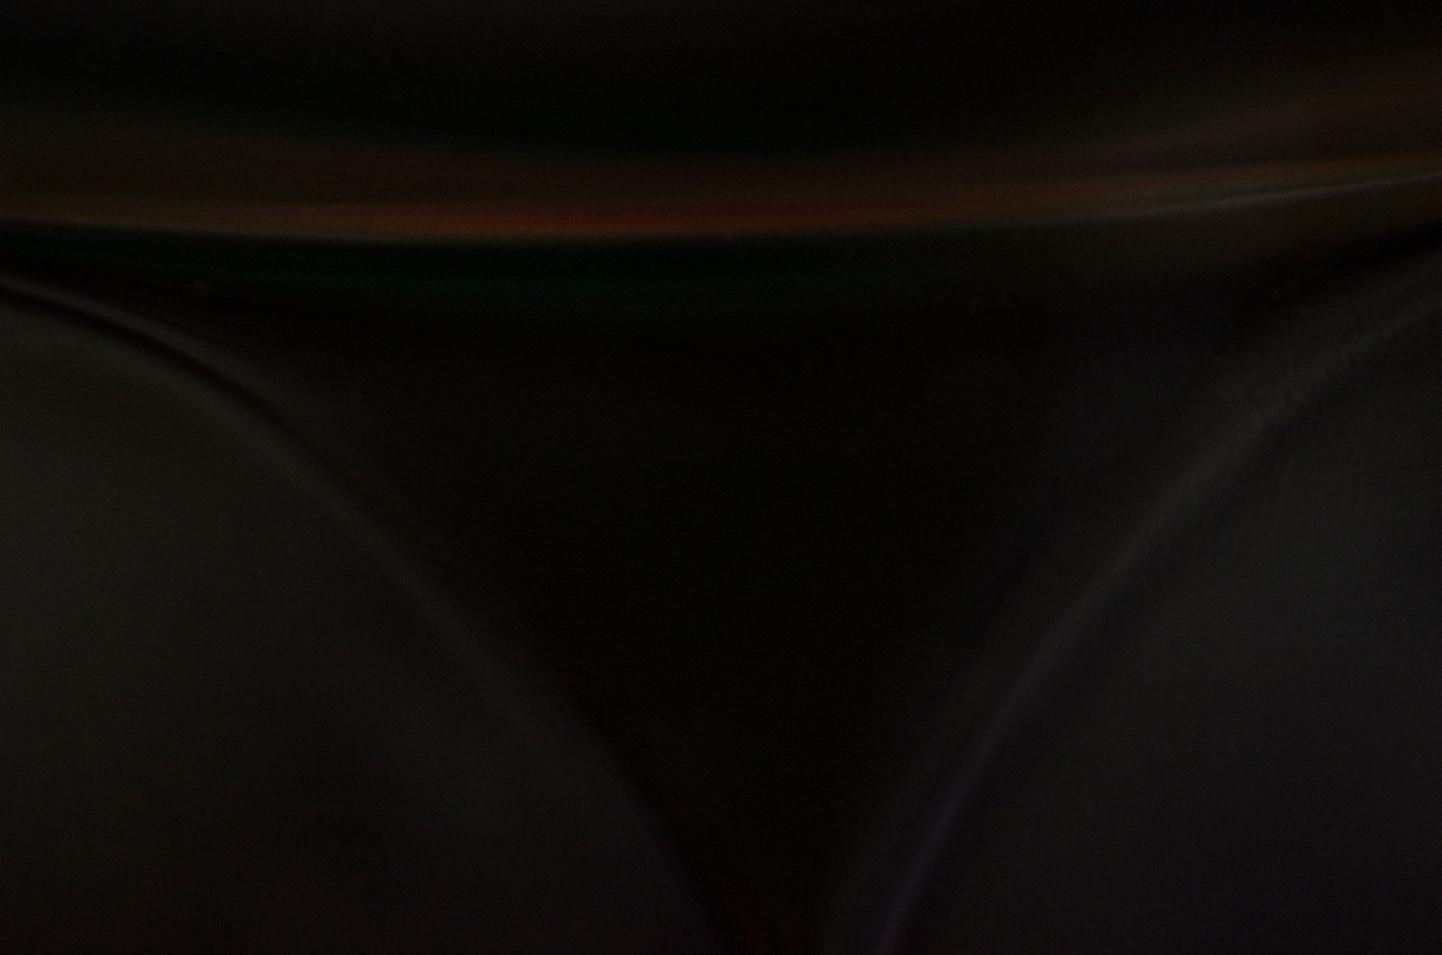 Untitled (Black Hole)